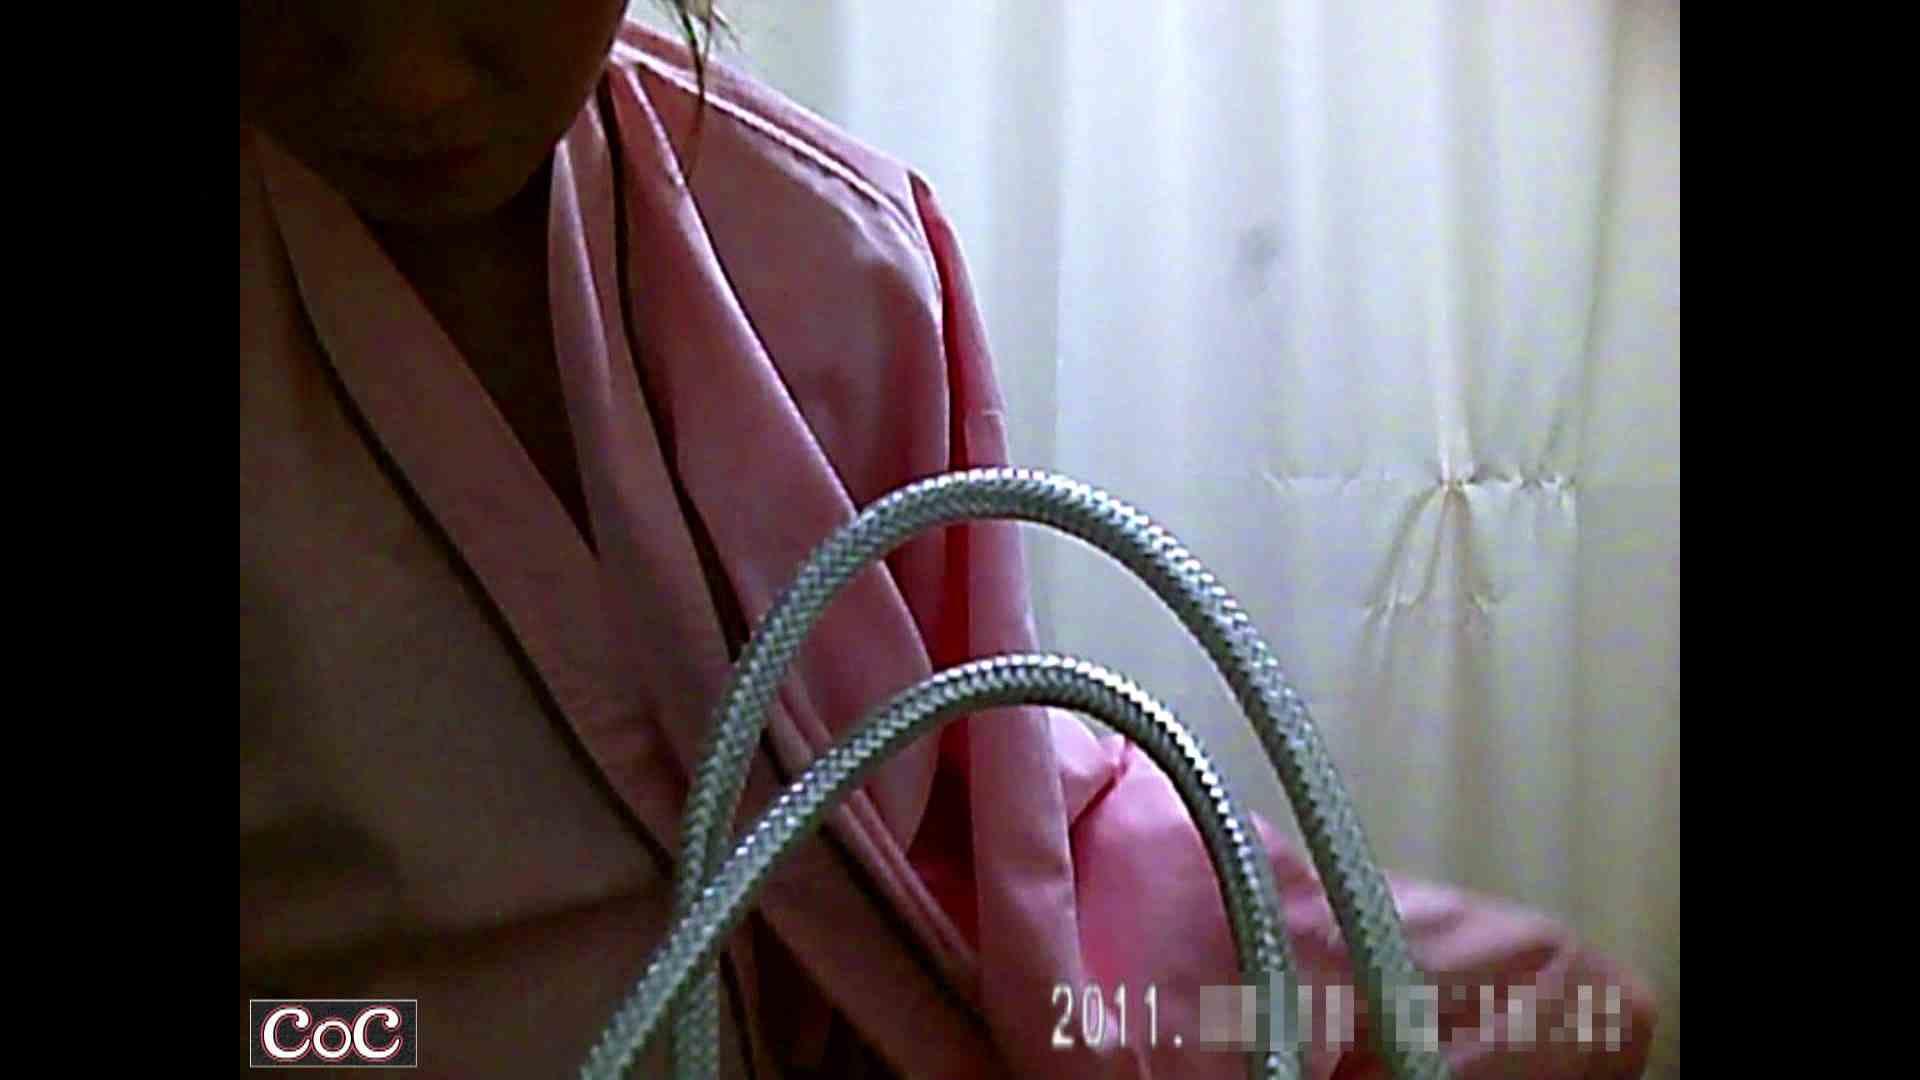 病院おもいっきり着替え! vol.122 着替え AV無料動画キャプチャ 63PIX 54